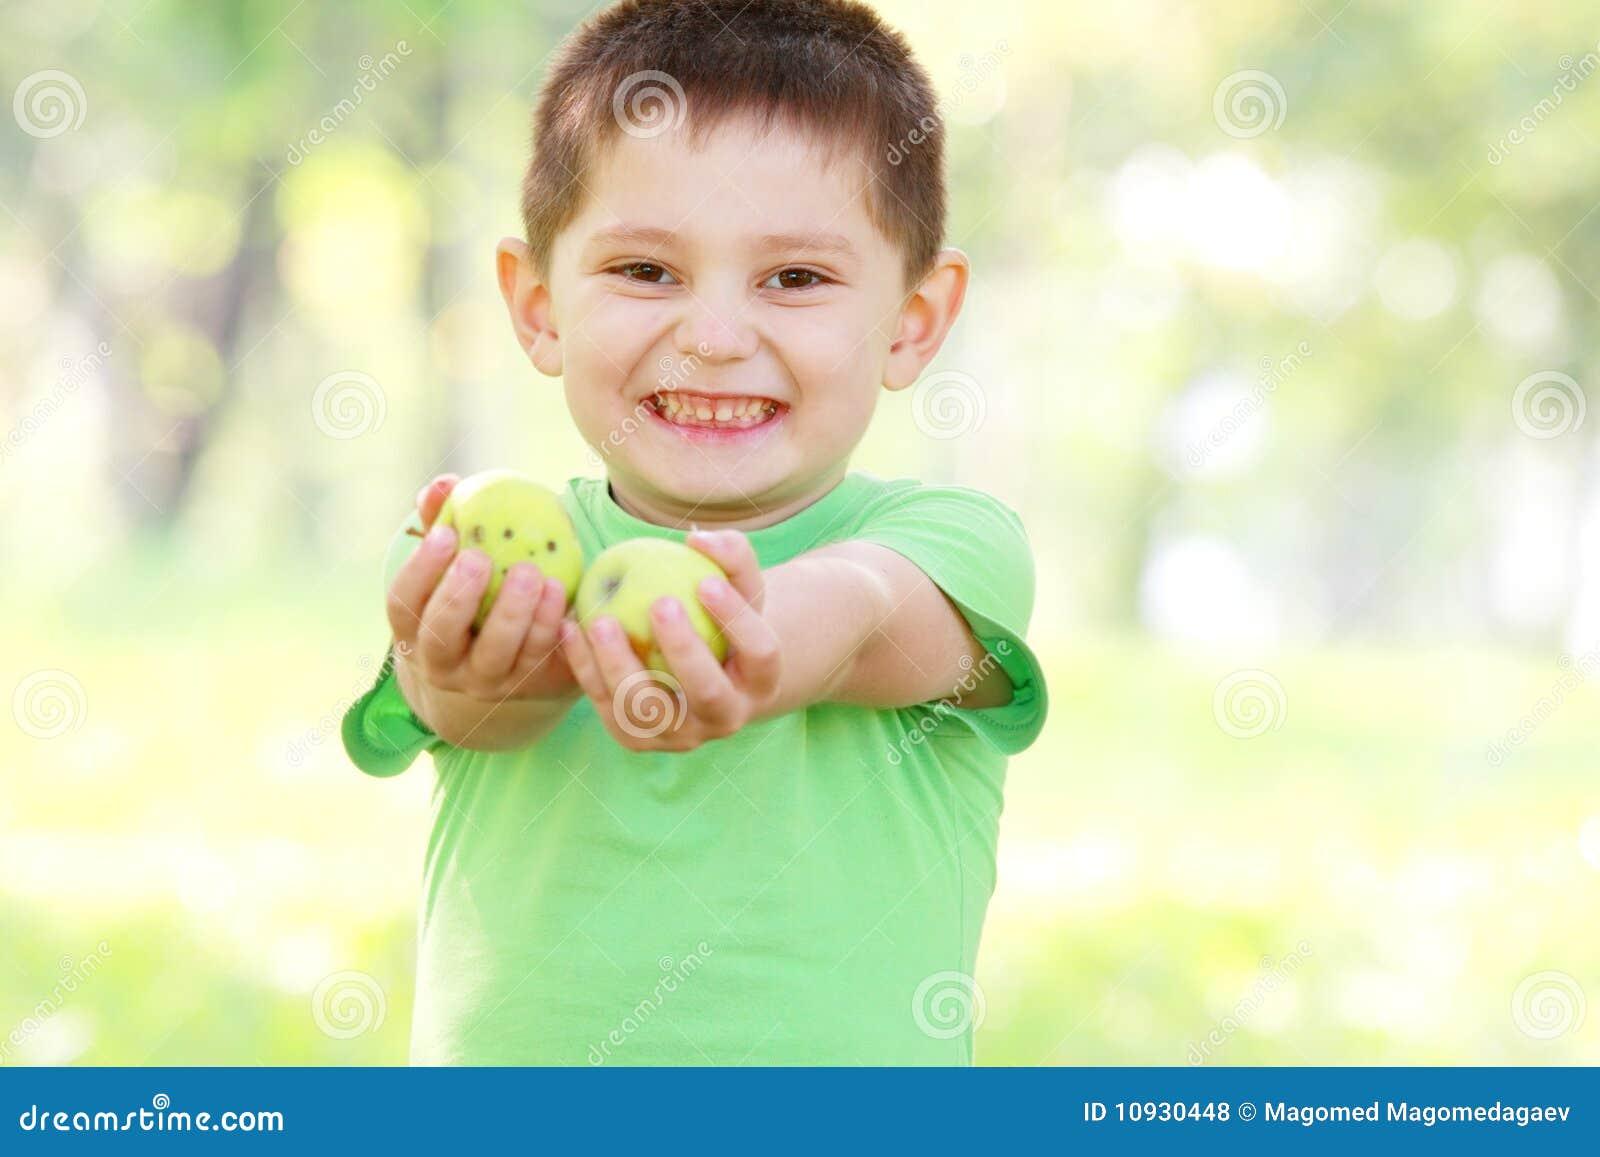 мальчик яблок давая зеленый цвет